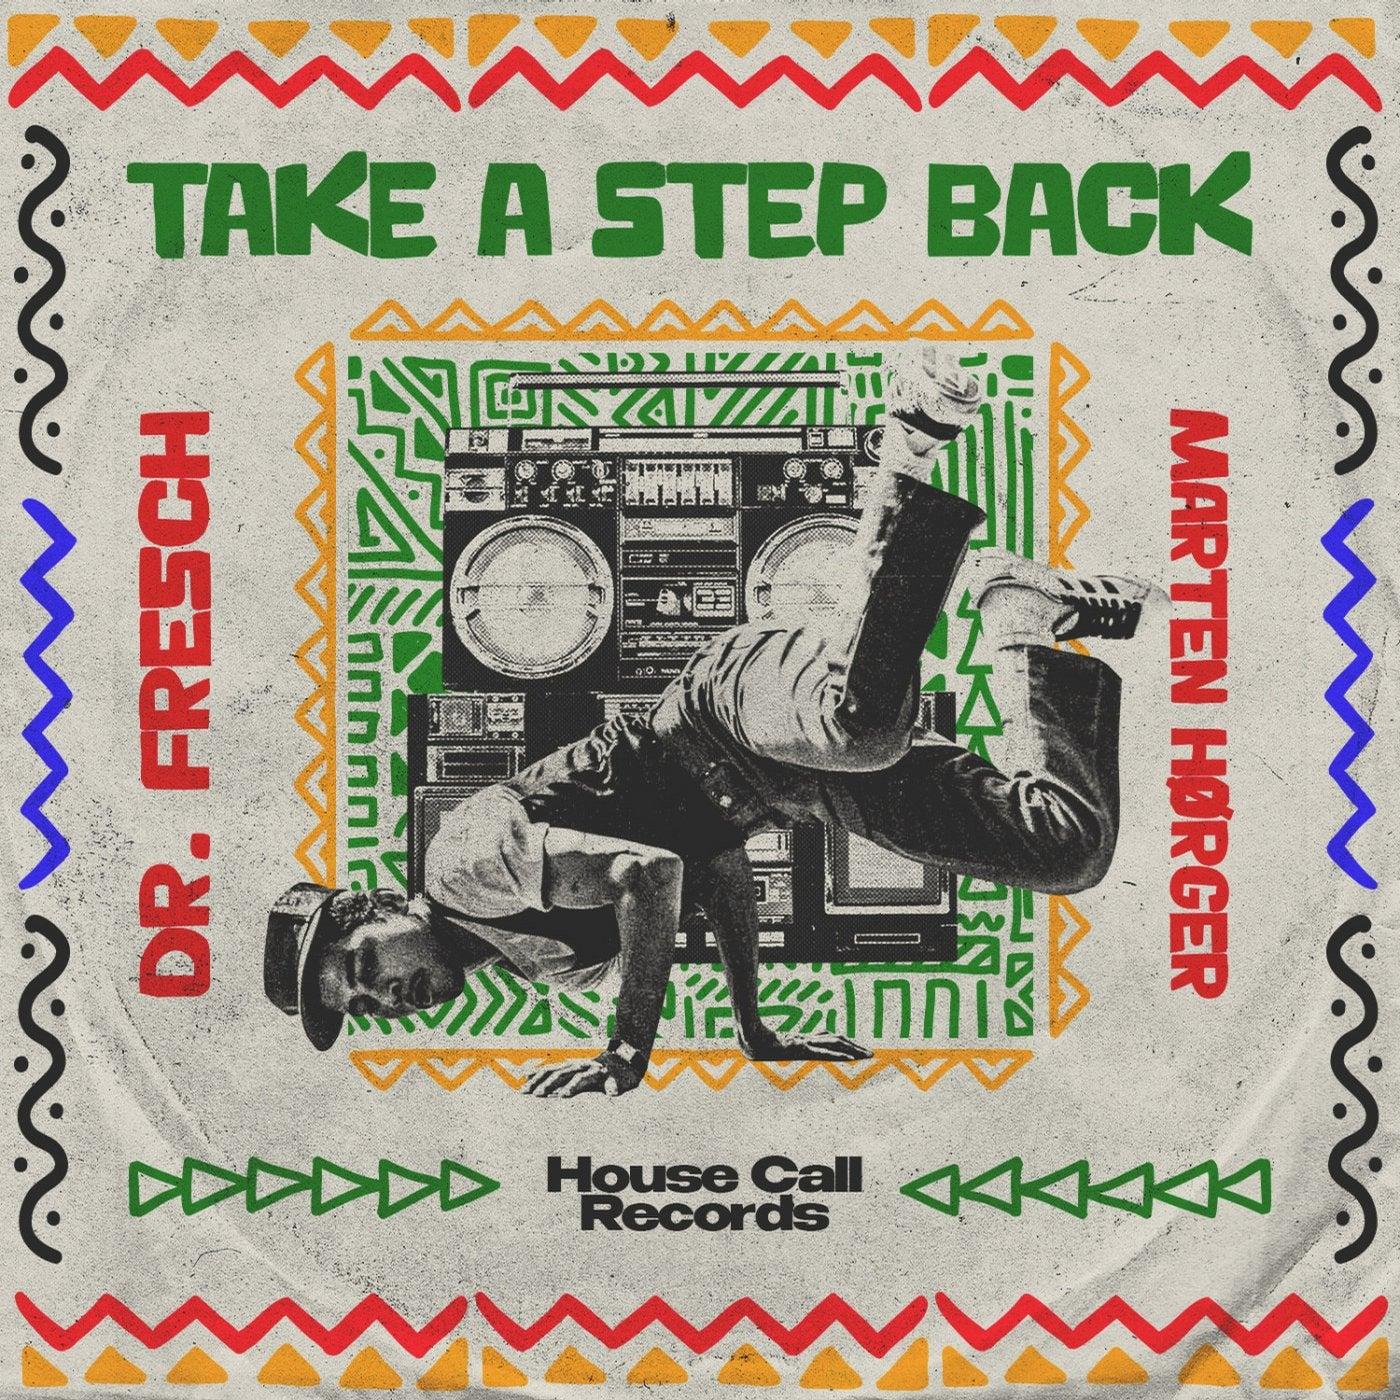 Take A Step Back (Original Mix)